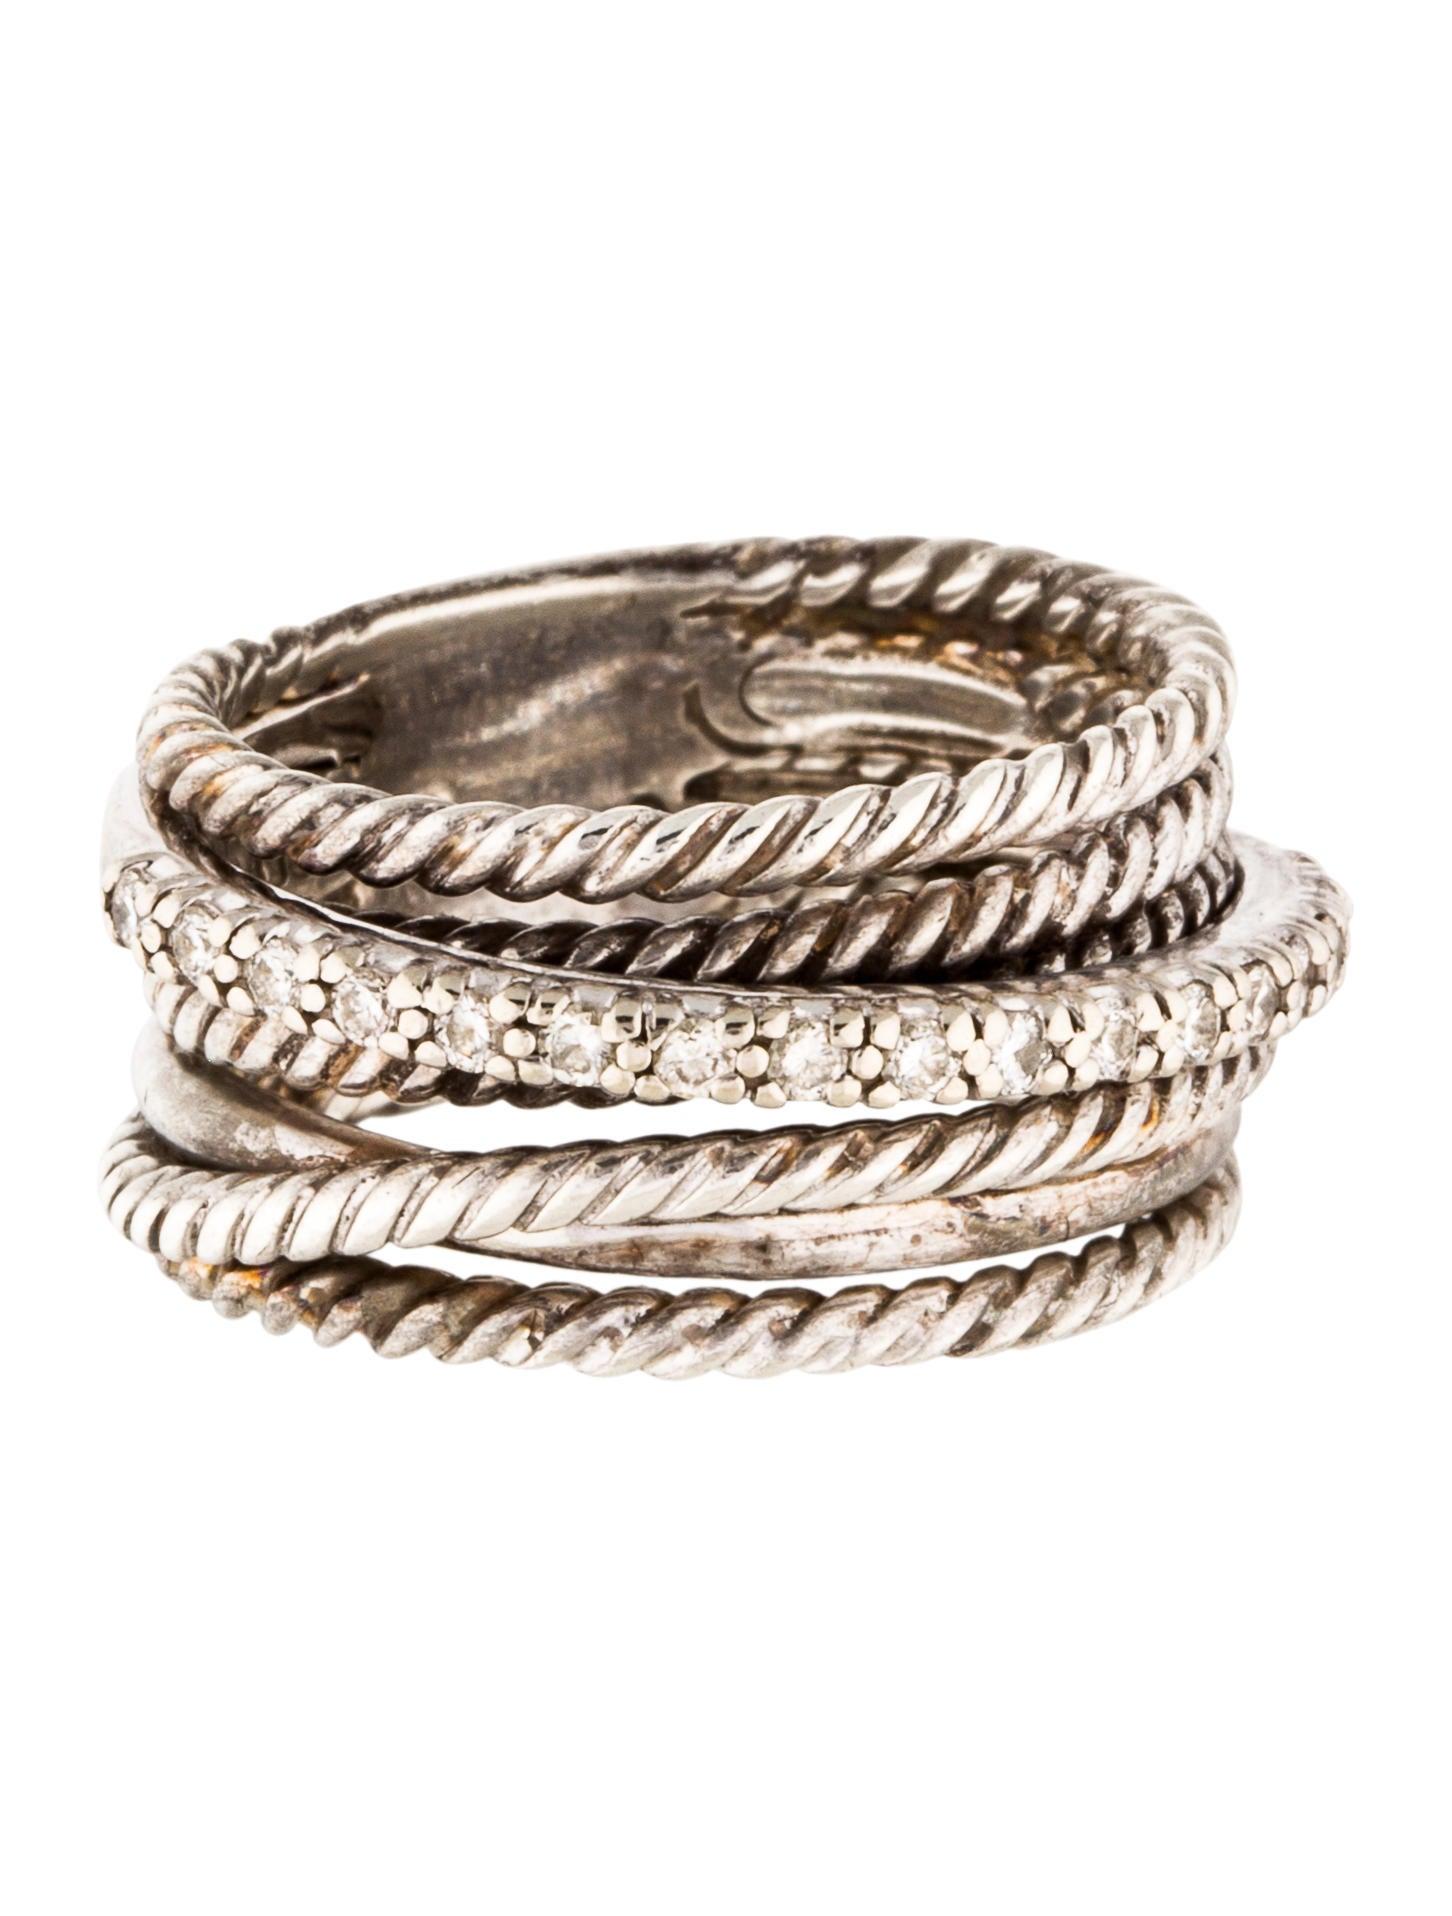 David yurman diamond crossover ring rings dvy39401 for David yurman inspired jewelry rings